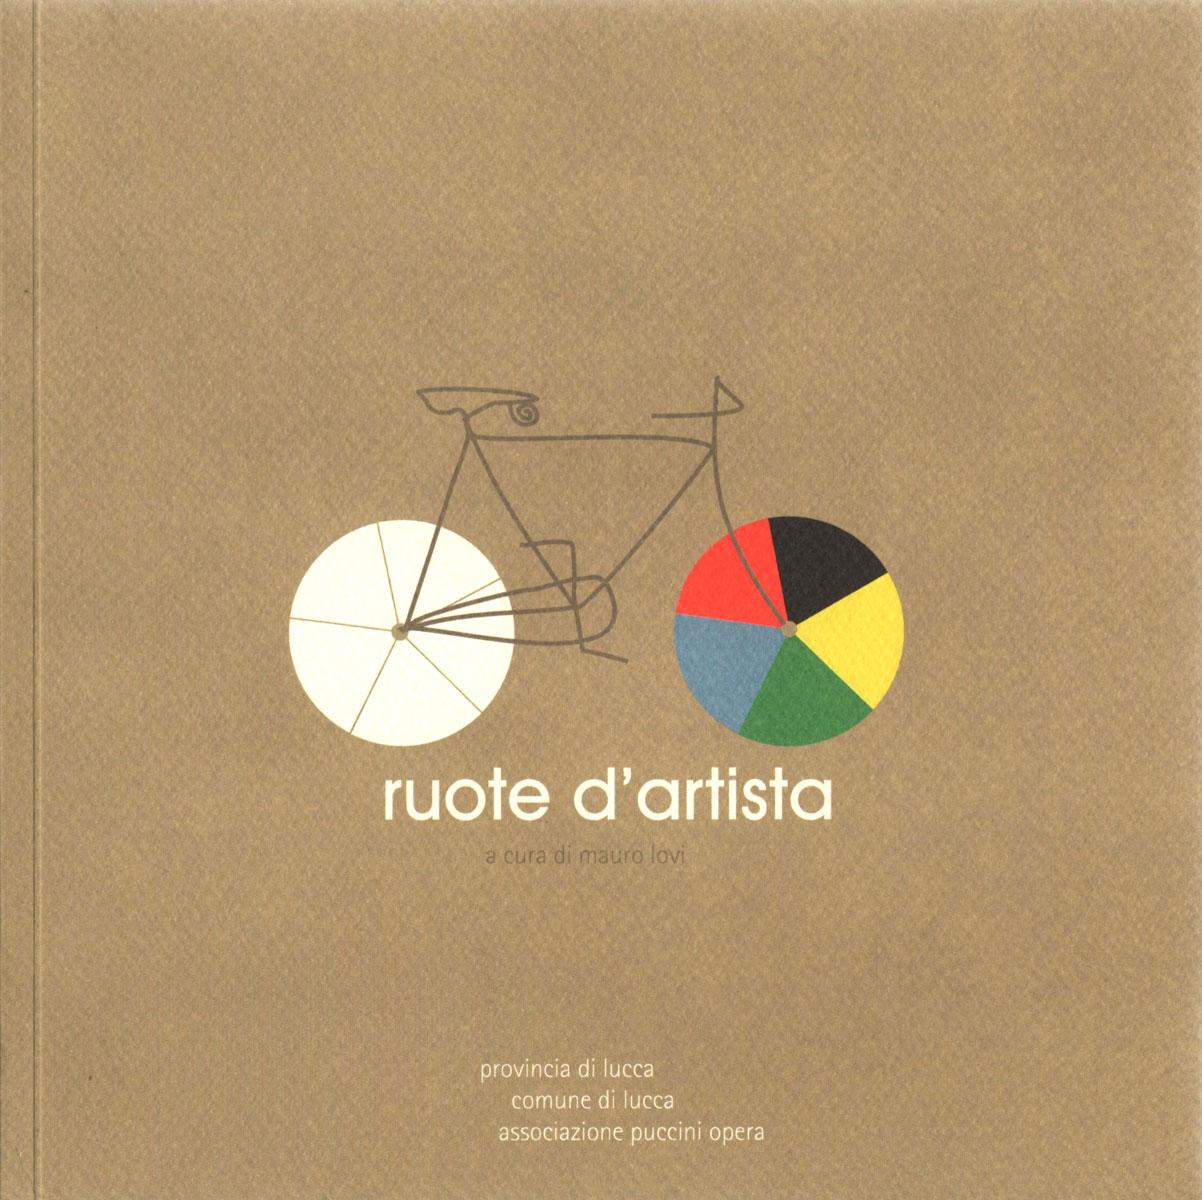 RUOTE D'ARTISTA 09-2013